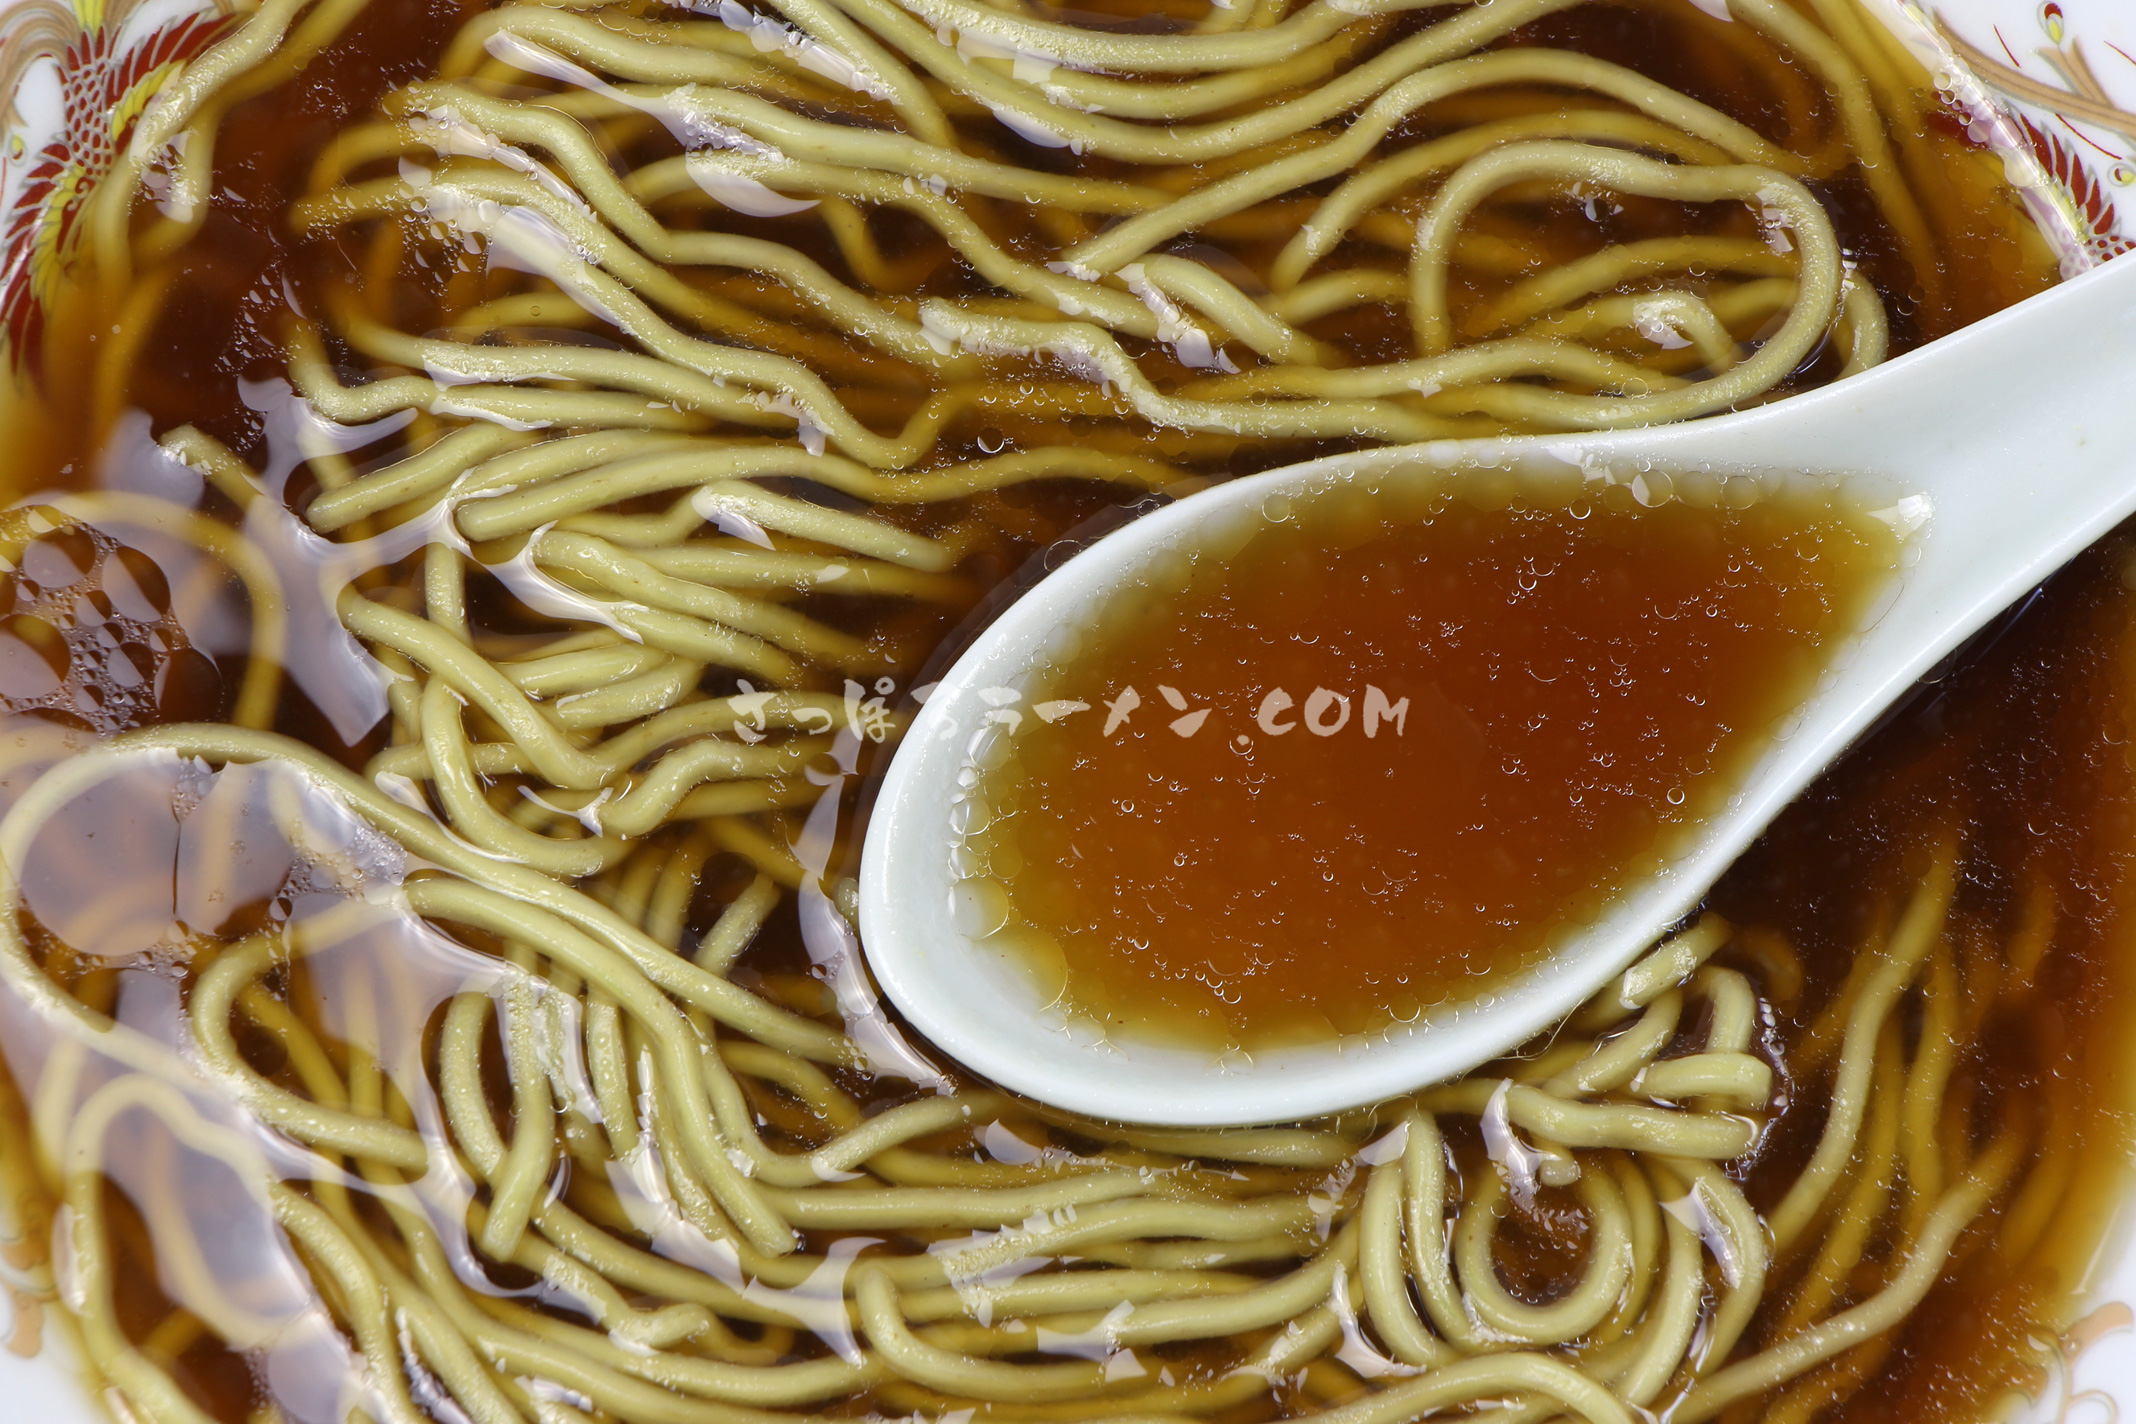 「利尻昆布ラーメン 醤油味」(有限会社ミツヤ利尻店)のスープ